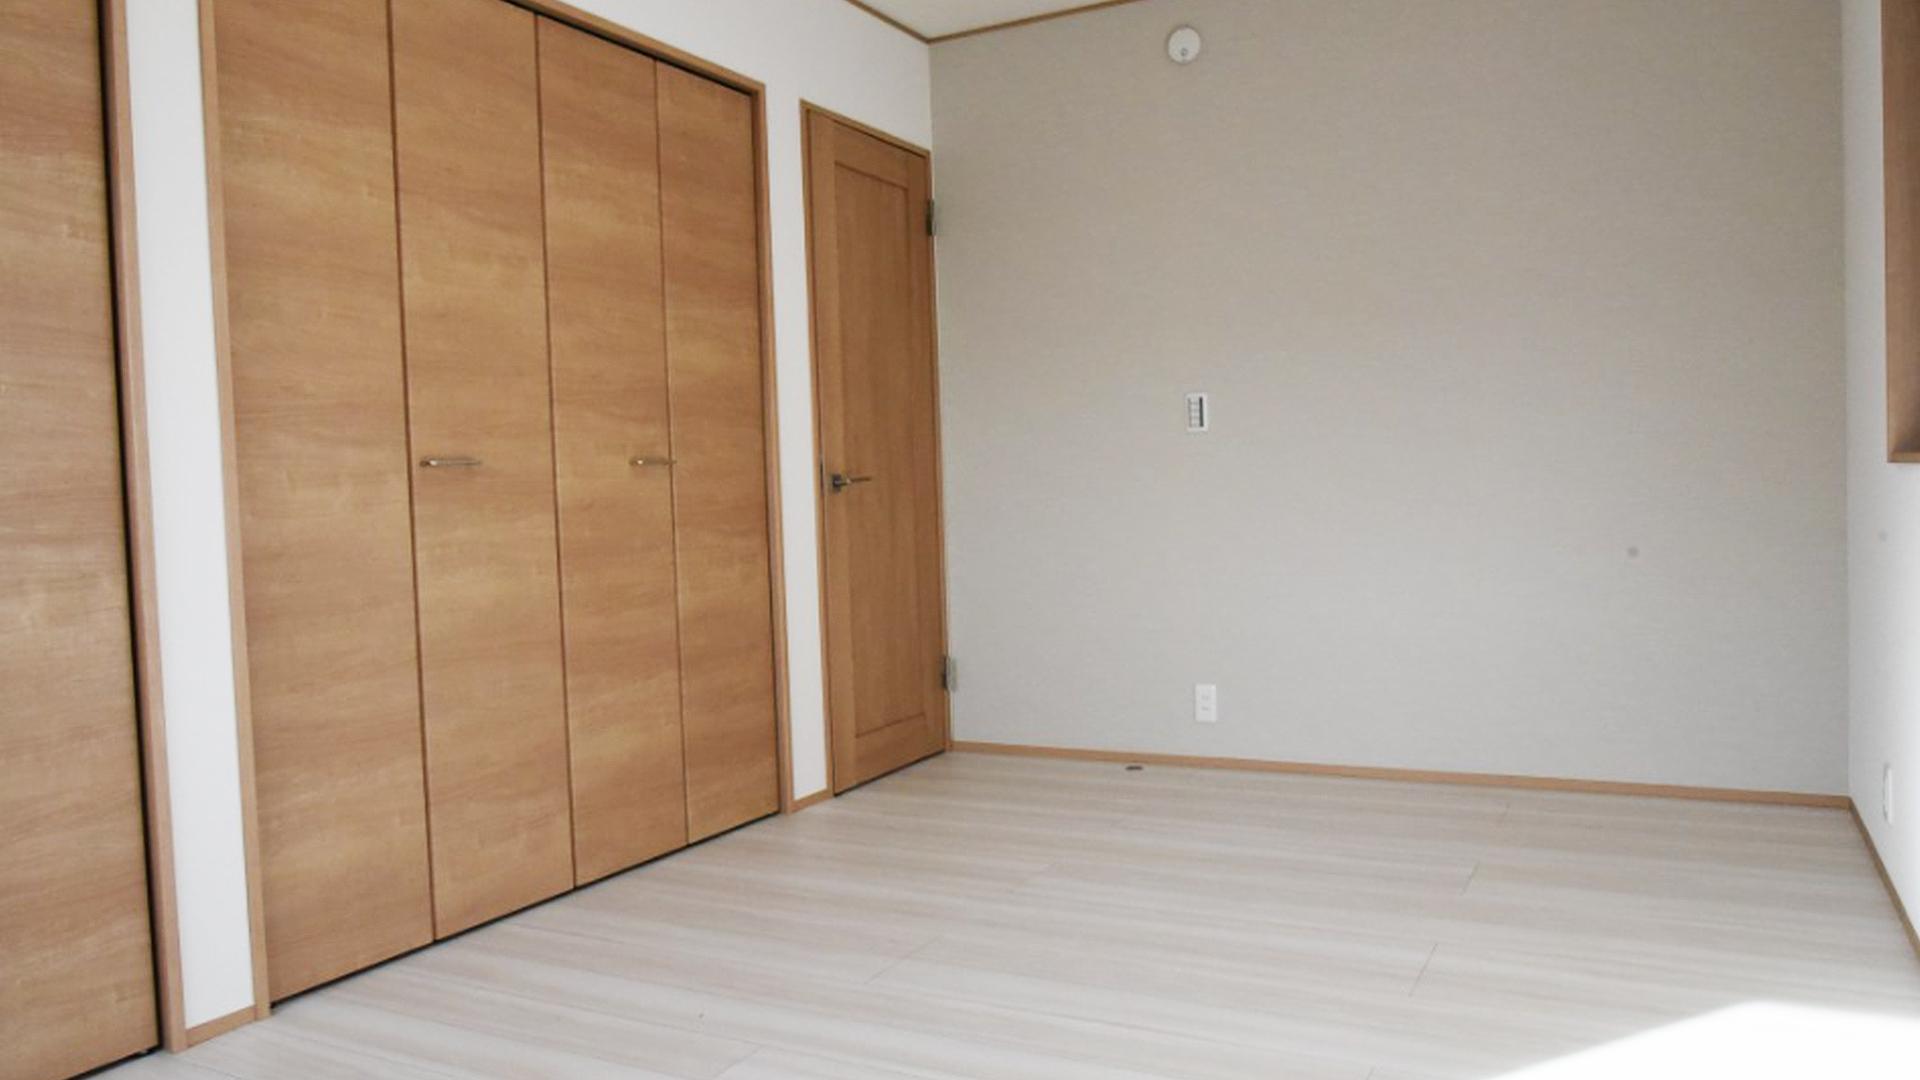 浜松市の不動産会社、株式会社リンクの作る一軒家のクローゼットの画像